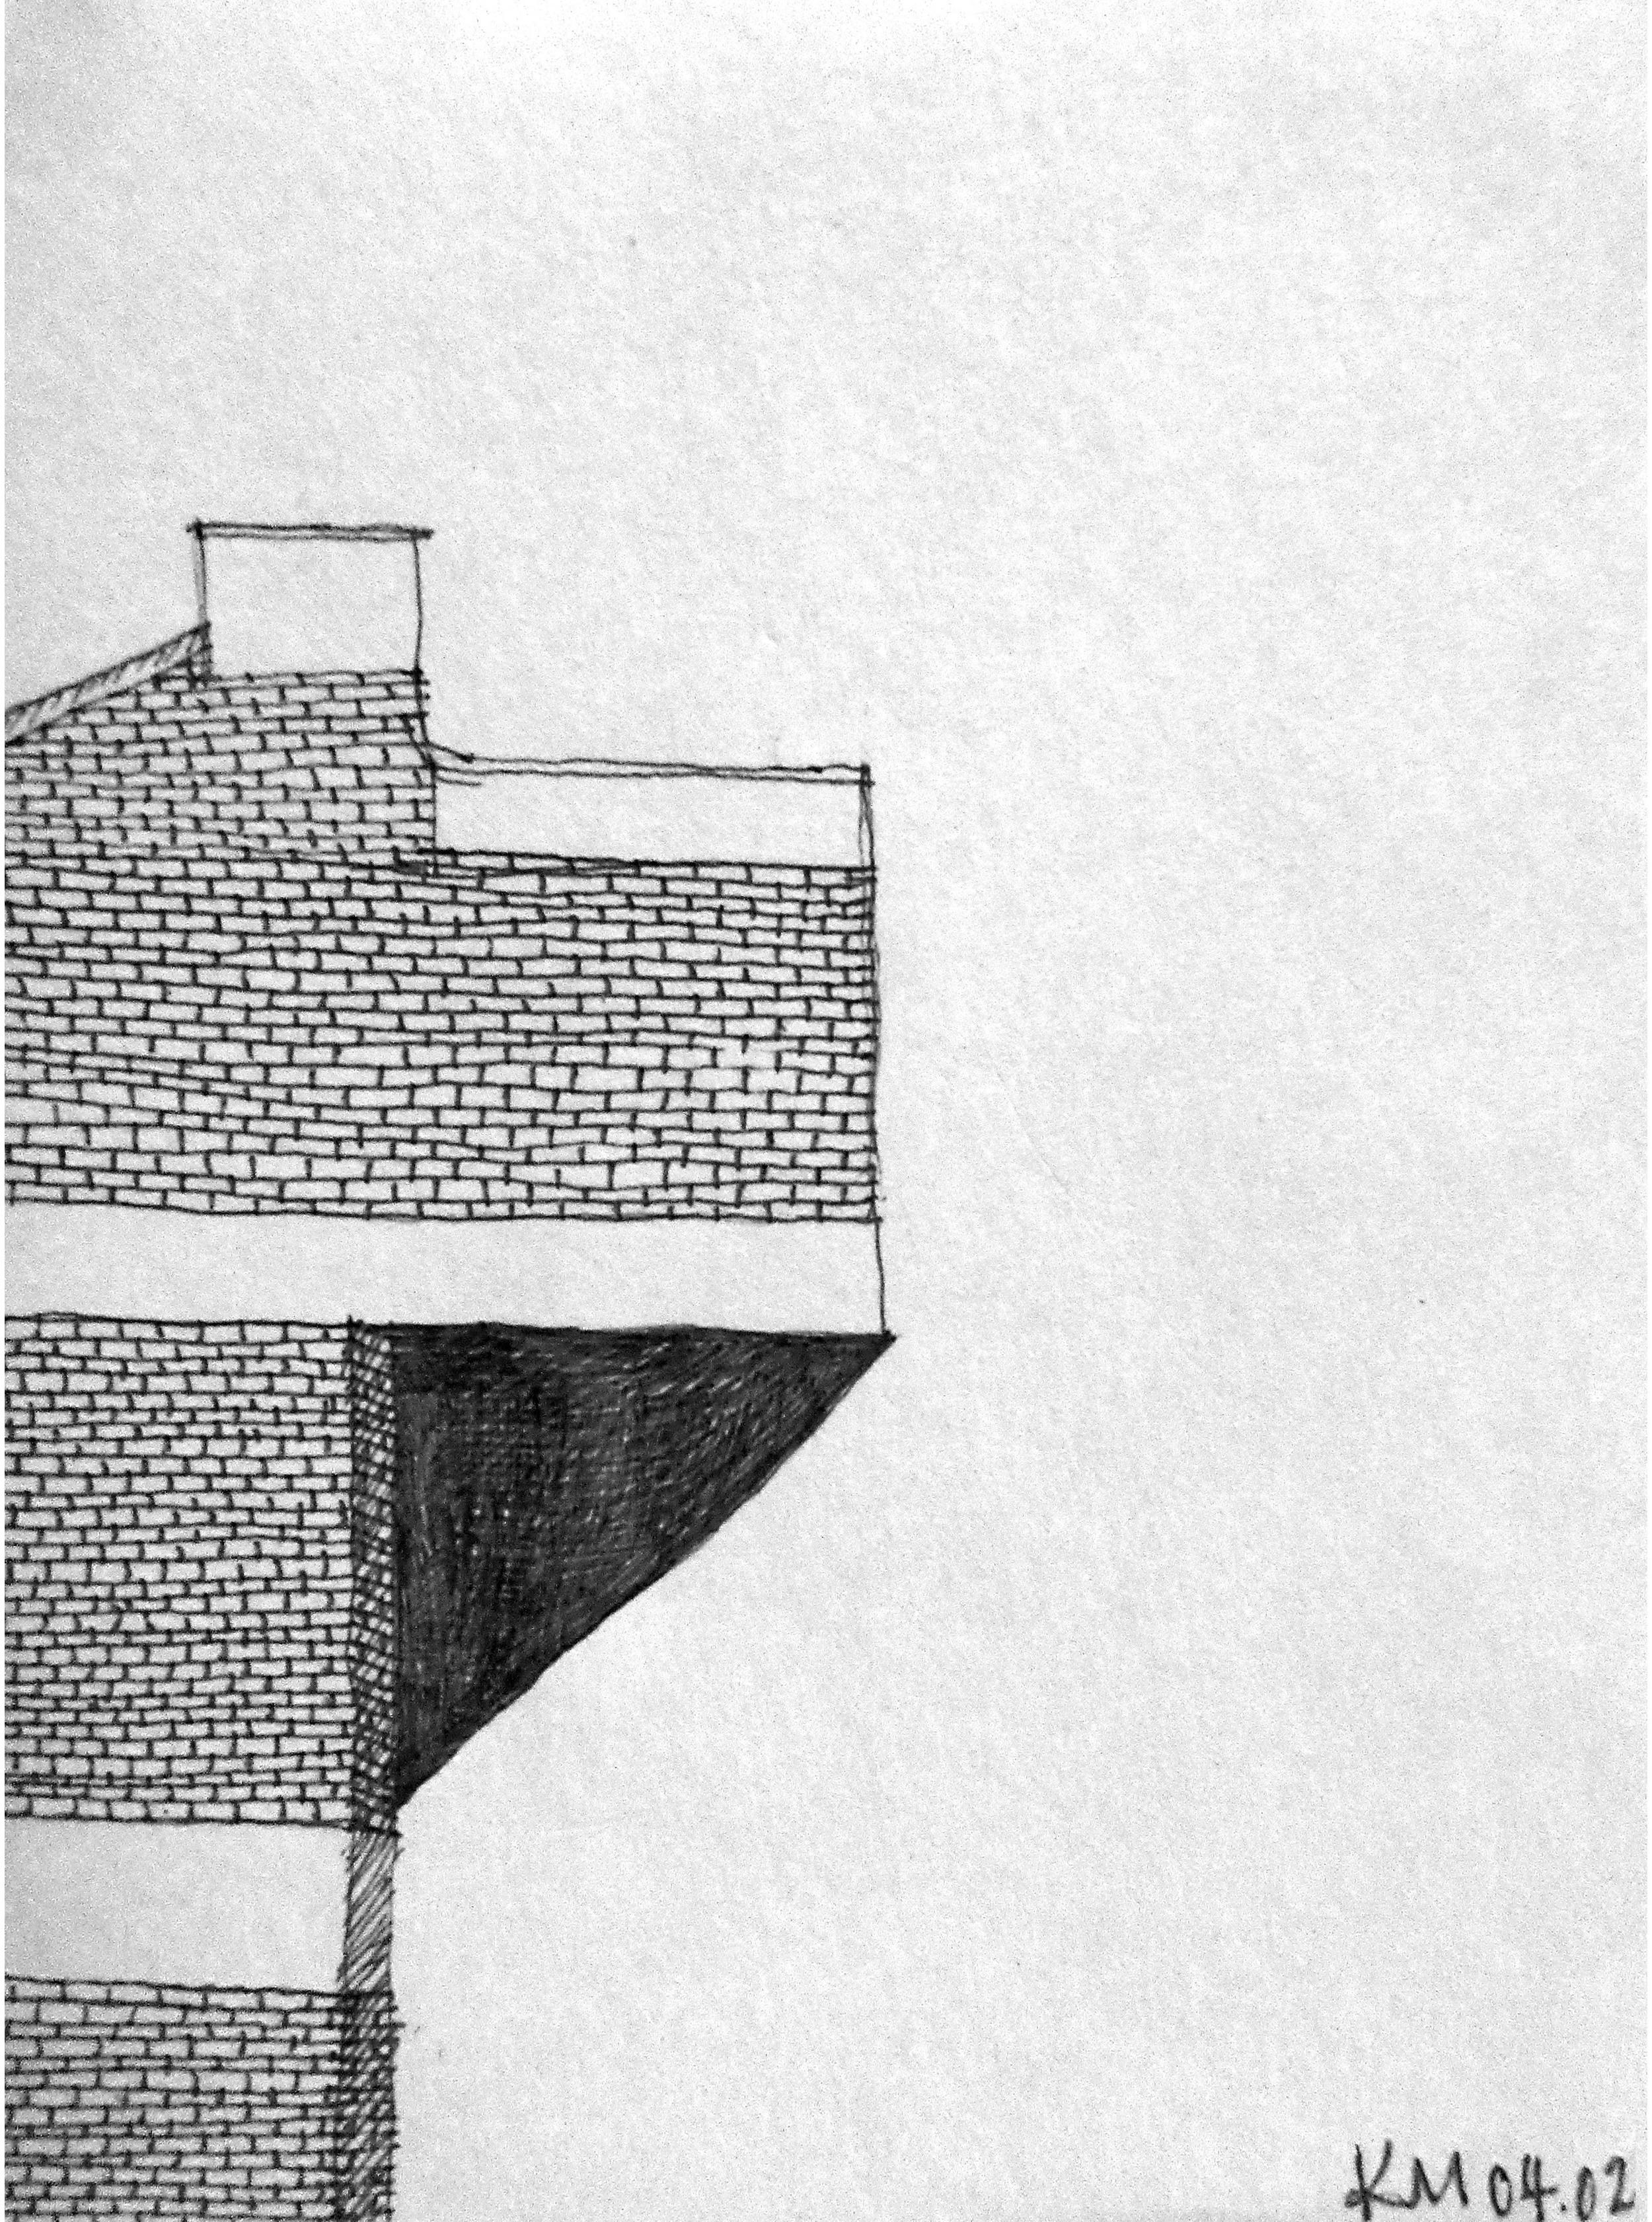 CEPT Univeristy   B.V. Doshi (1972)